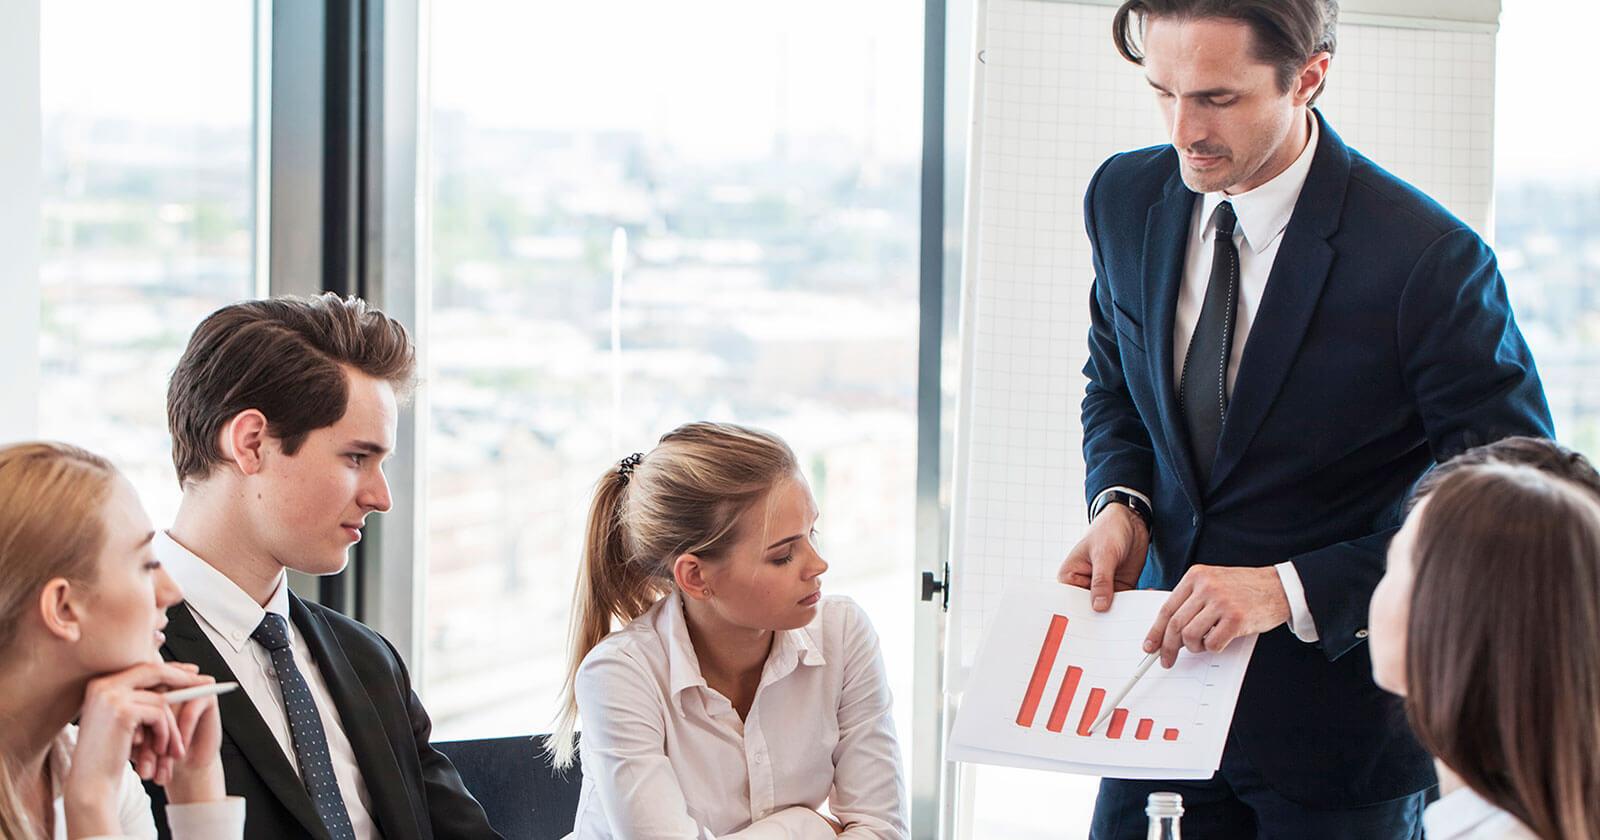 Preparaci n para la certificaci n de analista financiero